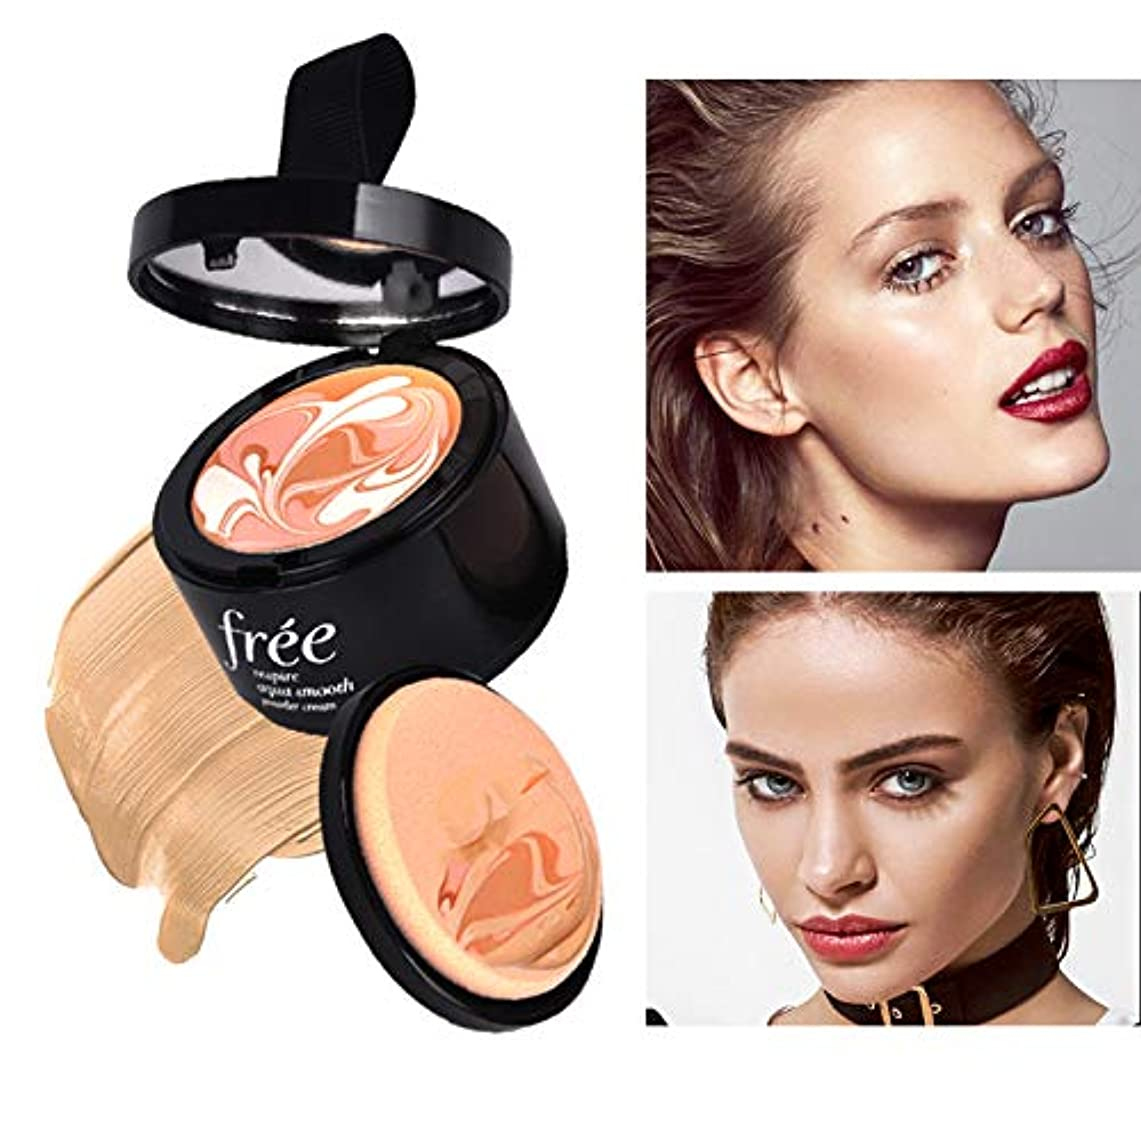 アンタゴニスト赤字ゲージFoundation Cream Concealer moisturizing Whitening flawless makeup For Face Beauty Base Makeup ファンデーションクリームコンシーラーモイスチャライジングホワイトニングフェイシャルメイクアップフェイシャルビューティベースメイクアップ